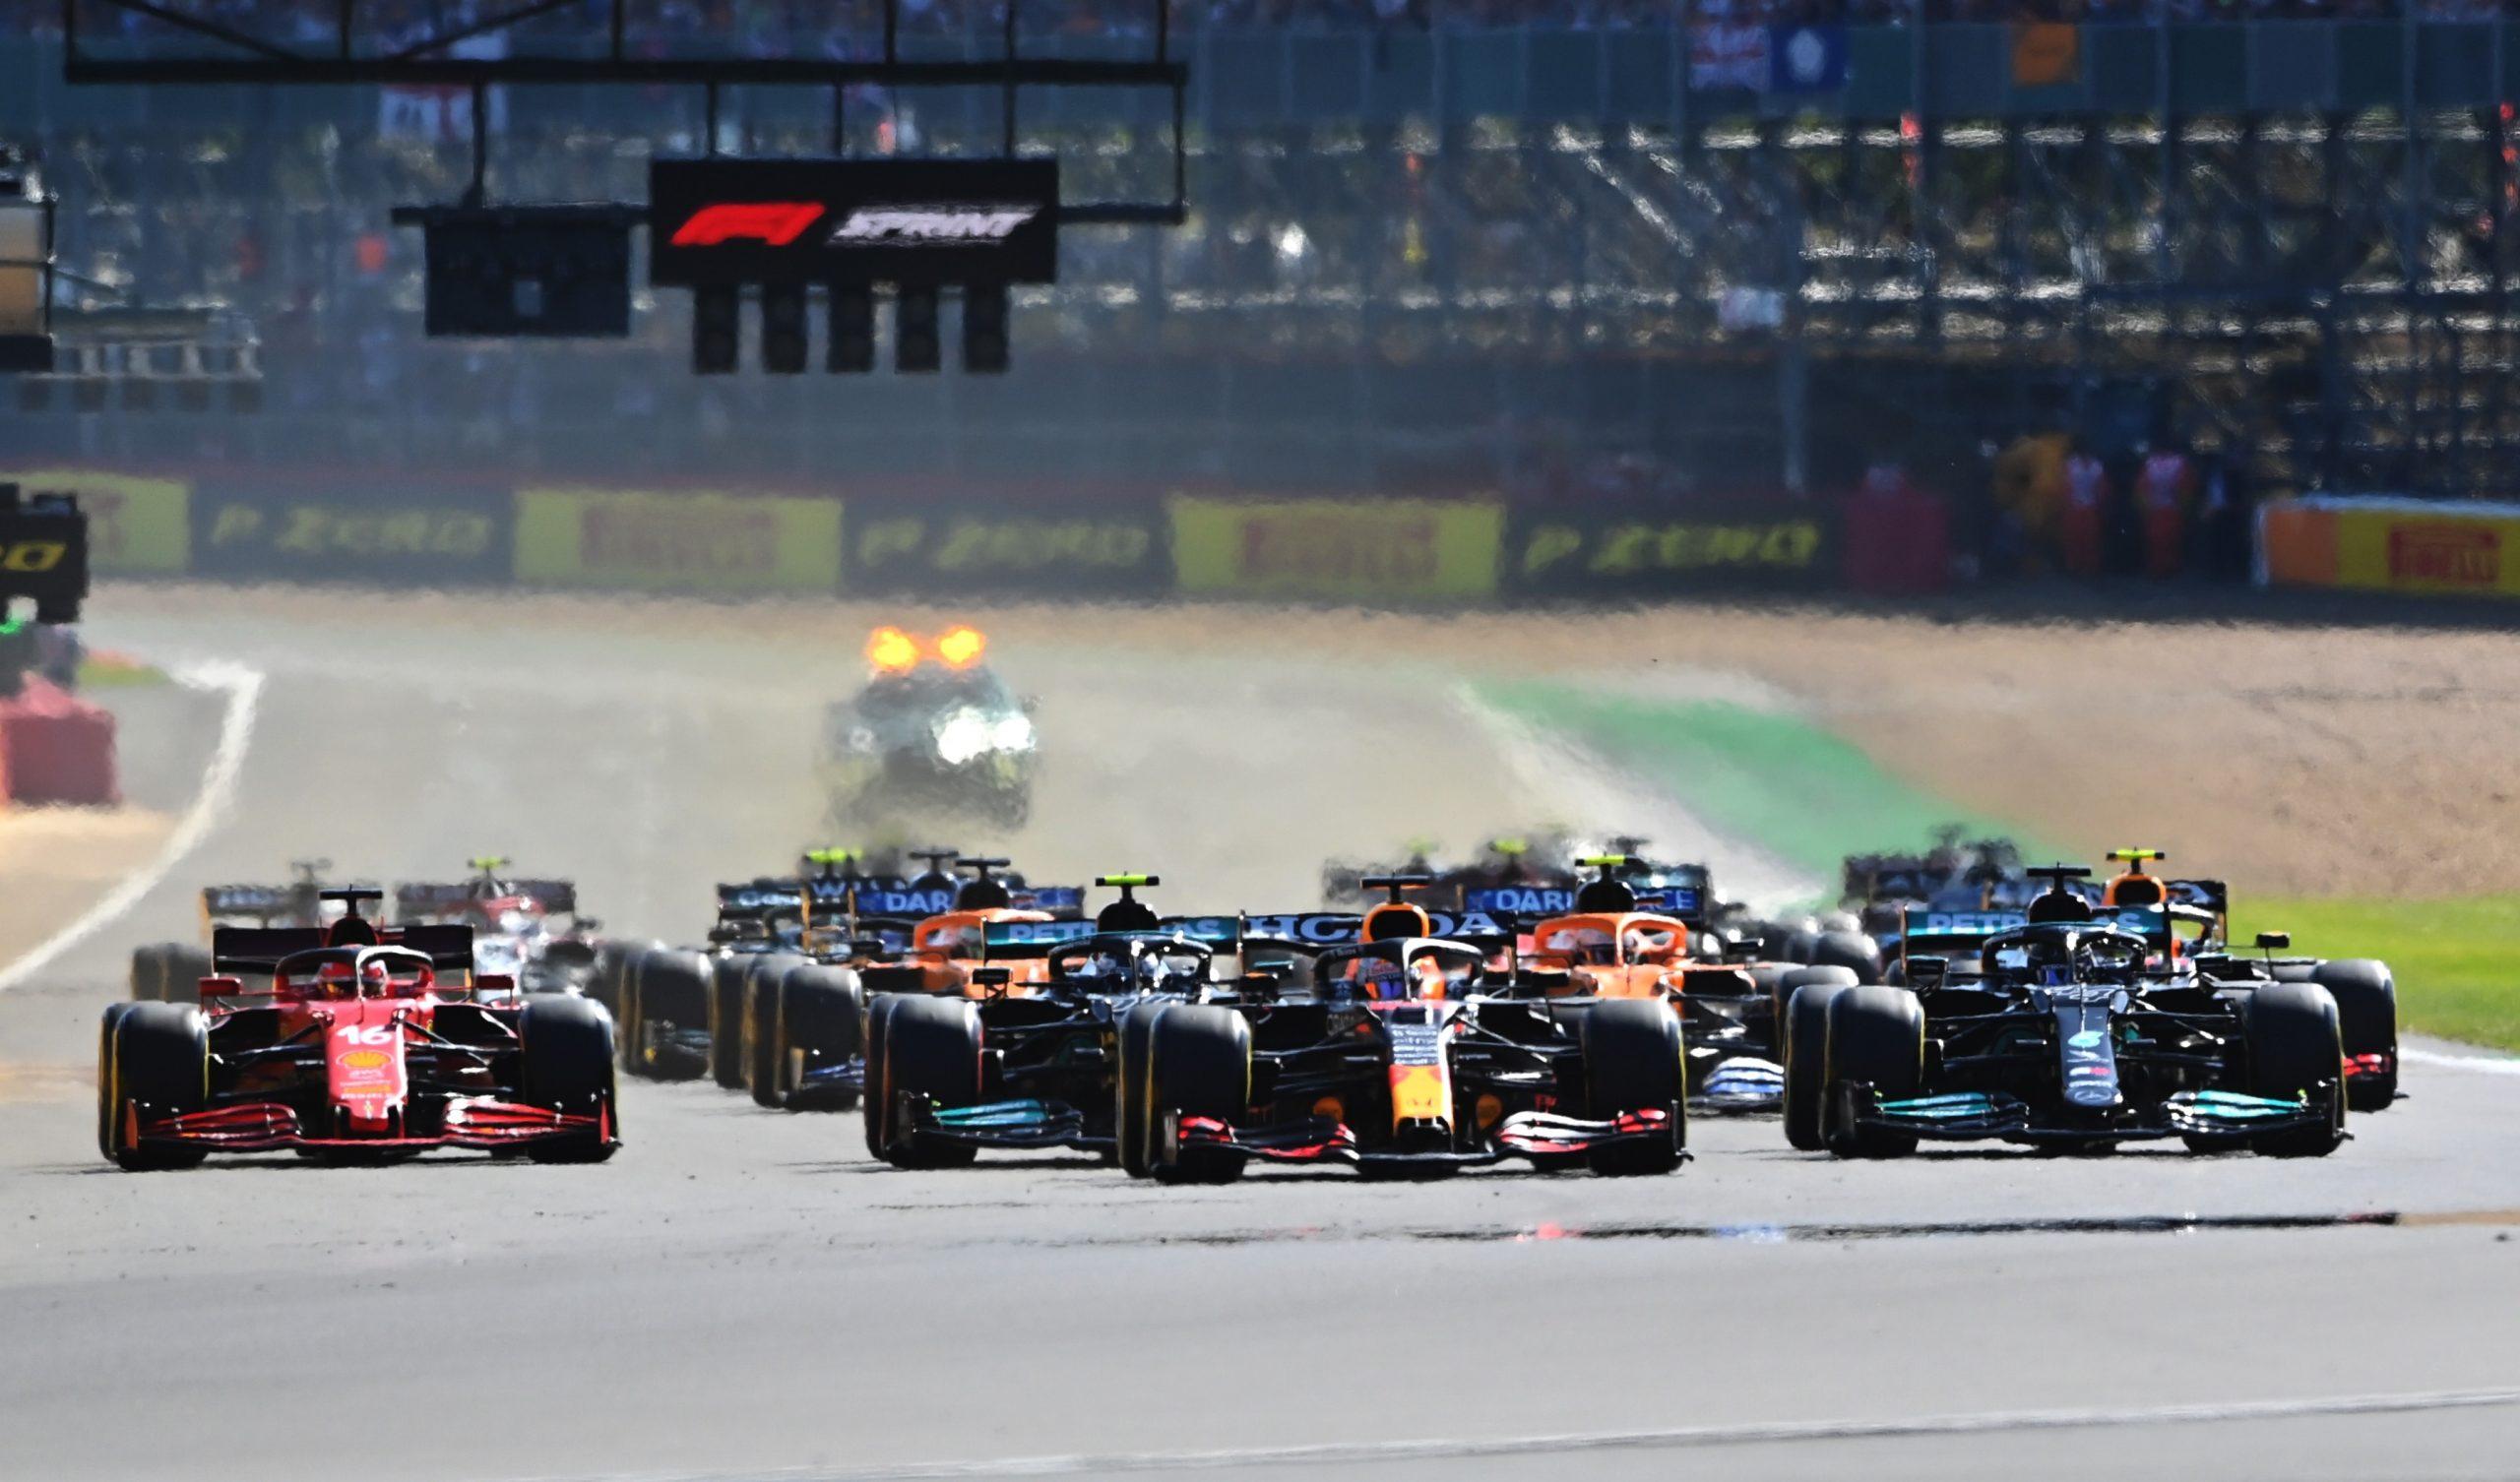 La pre-temporada de F1 2022 será de 8 días en total